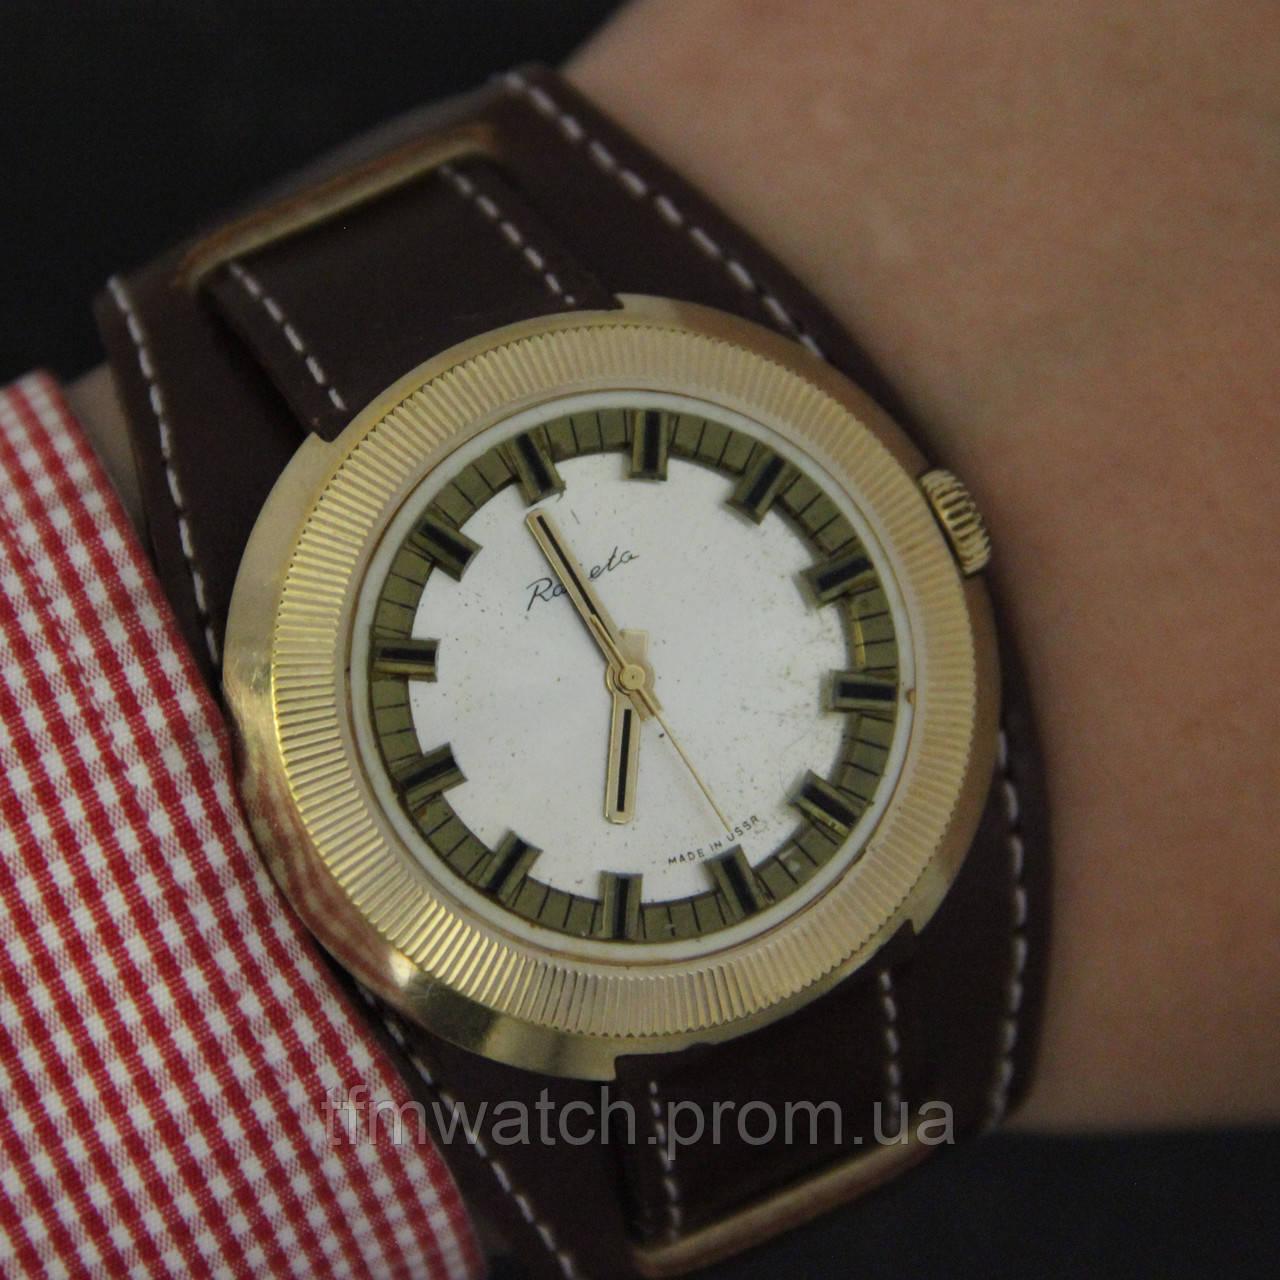 Ракета продать часы ссср строительстве стоимость в 1 часа человека